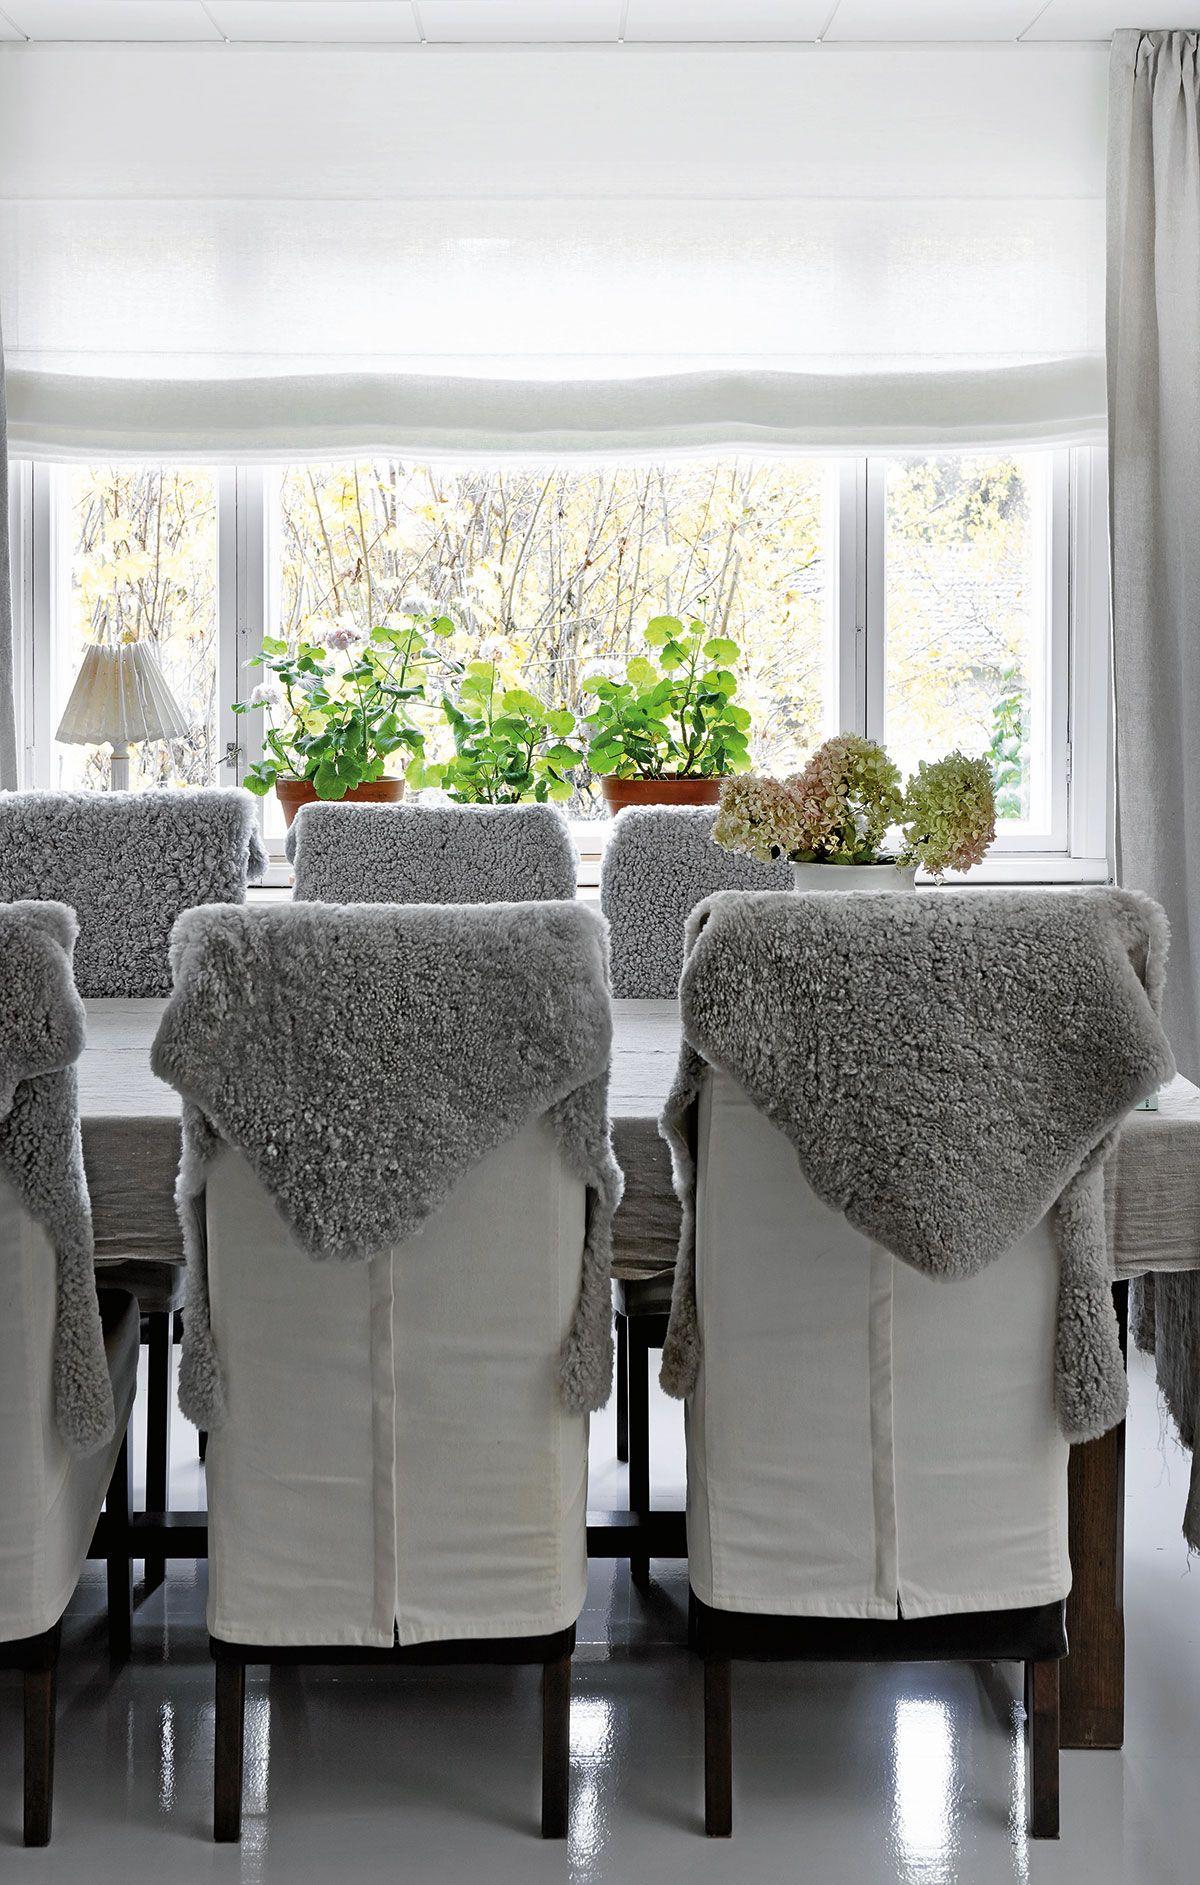 Lampaantaljojen päällä on pehmeä istua ja ne tuovat ruokailutilaan olohuonemaista mukavuutta. Mårbacka-pelargonit saavat runsaasti valoa ison ikkunan ääressä.